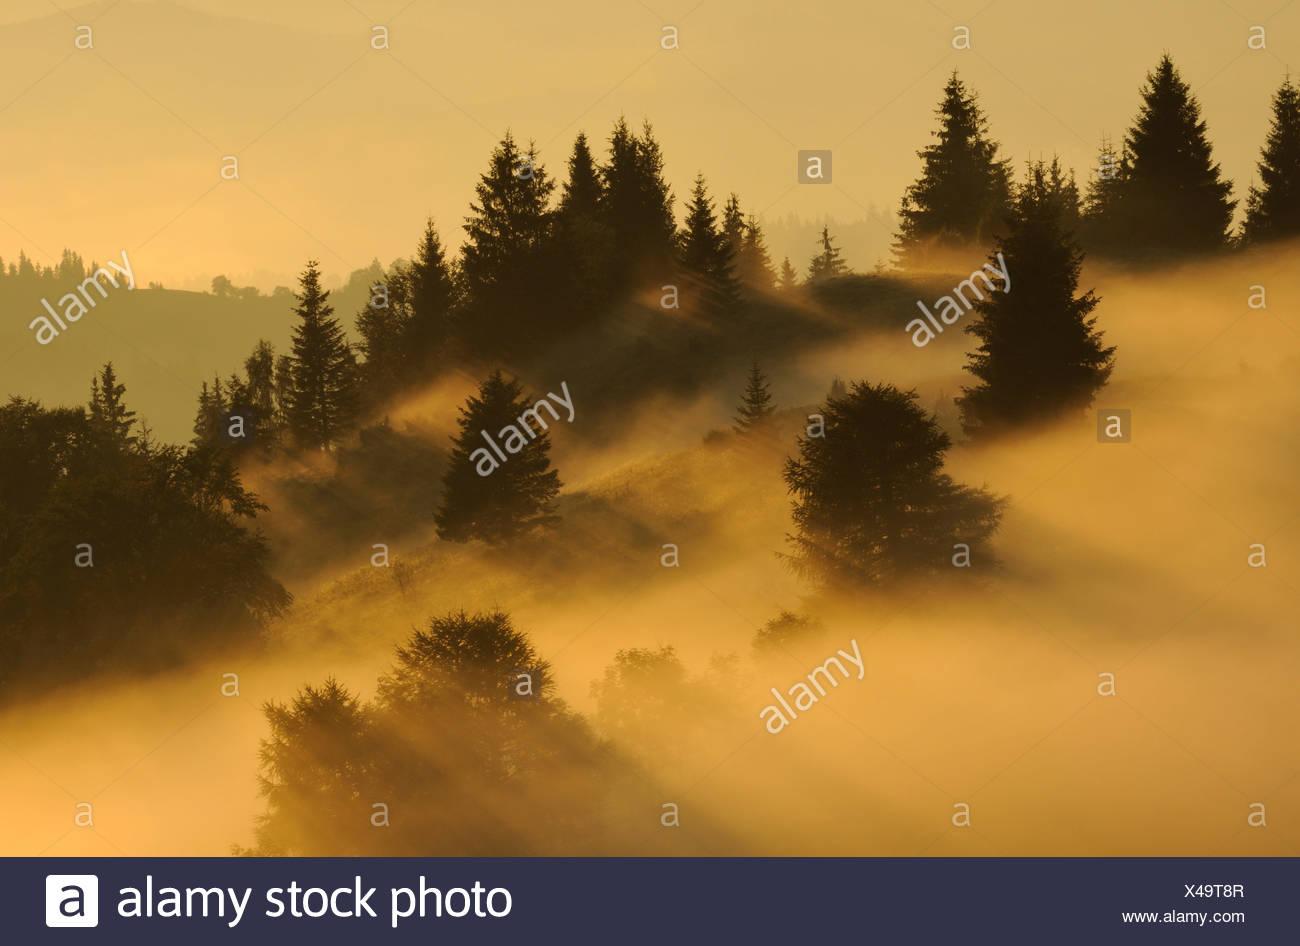 Paisaje en zona dzembronya en Ucrania al amanecer Imagen De Stock